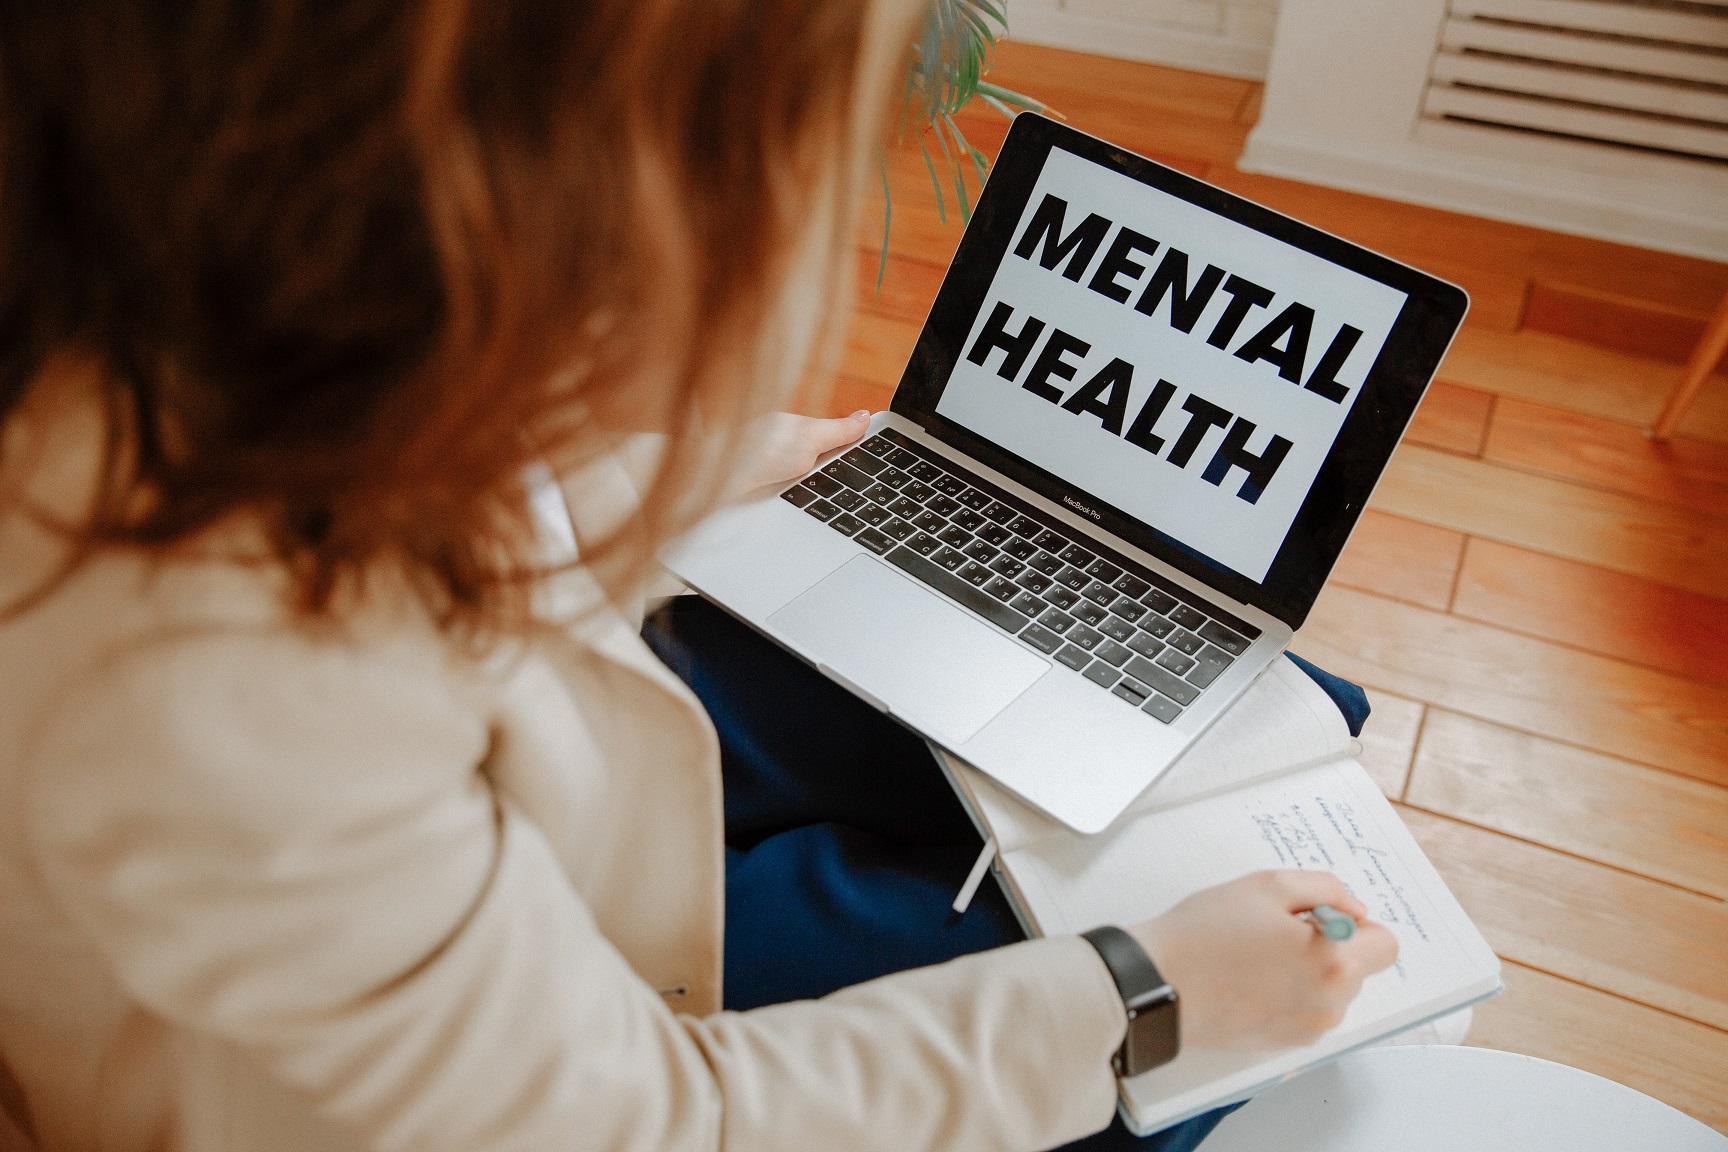 Progressive Mental Health Options